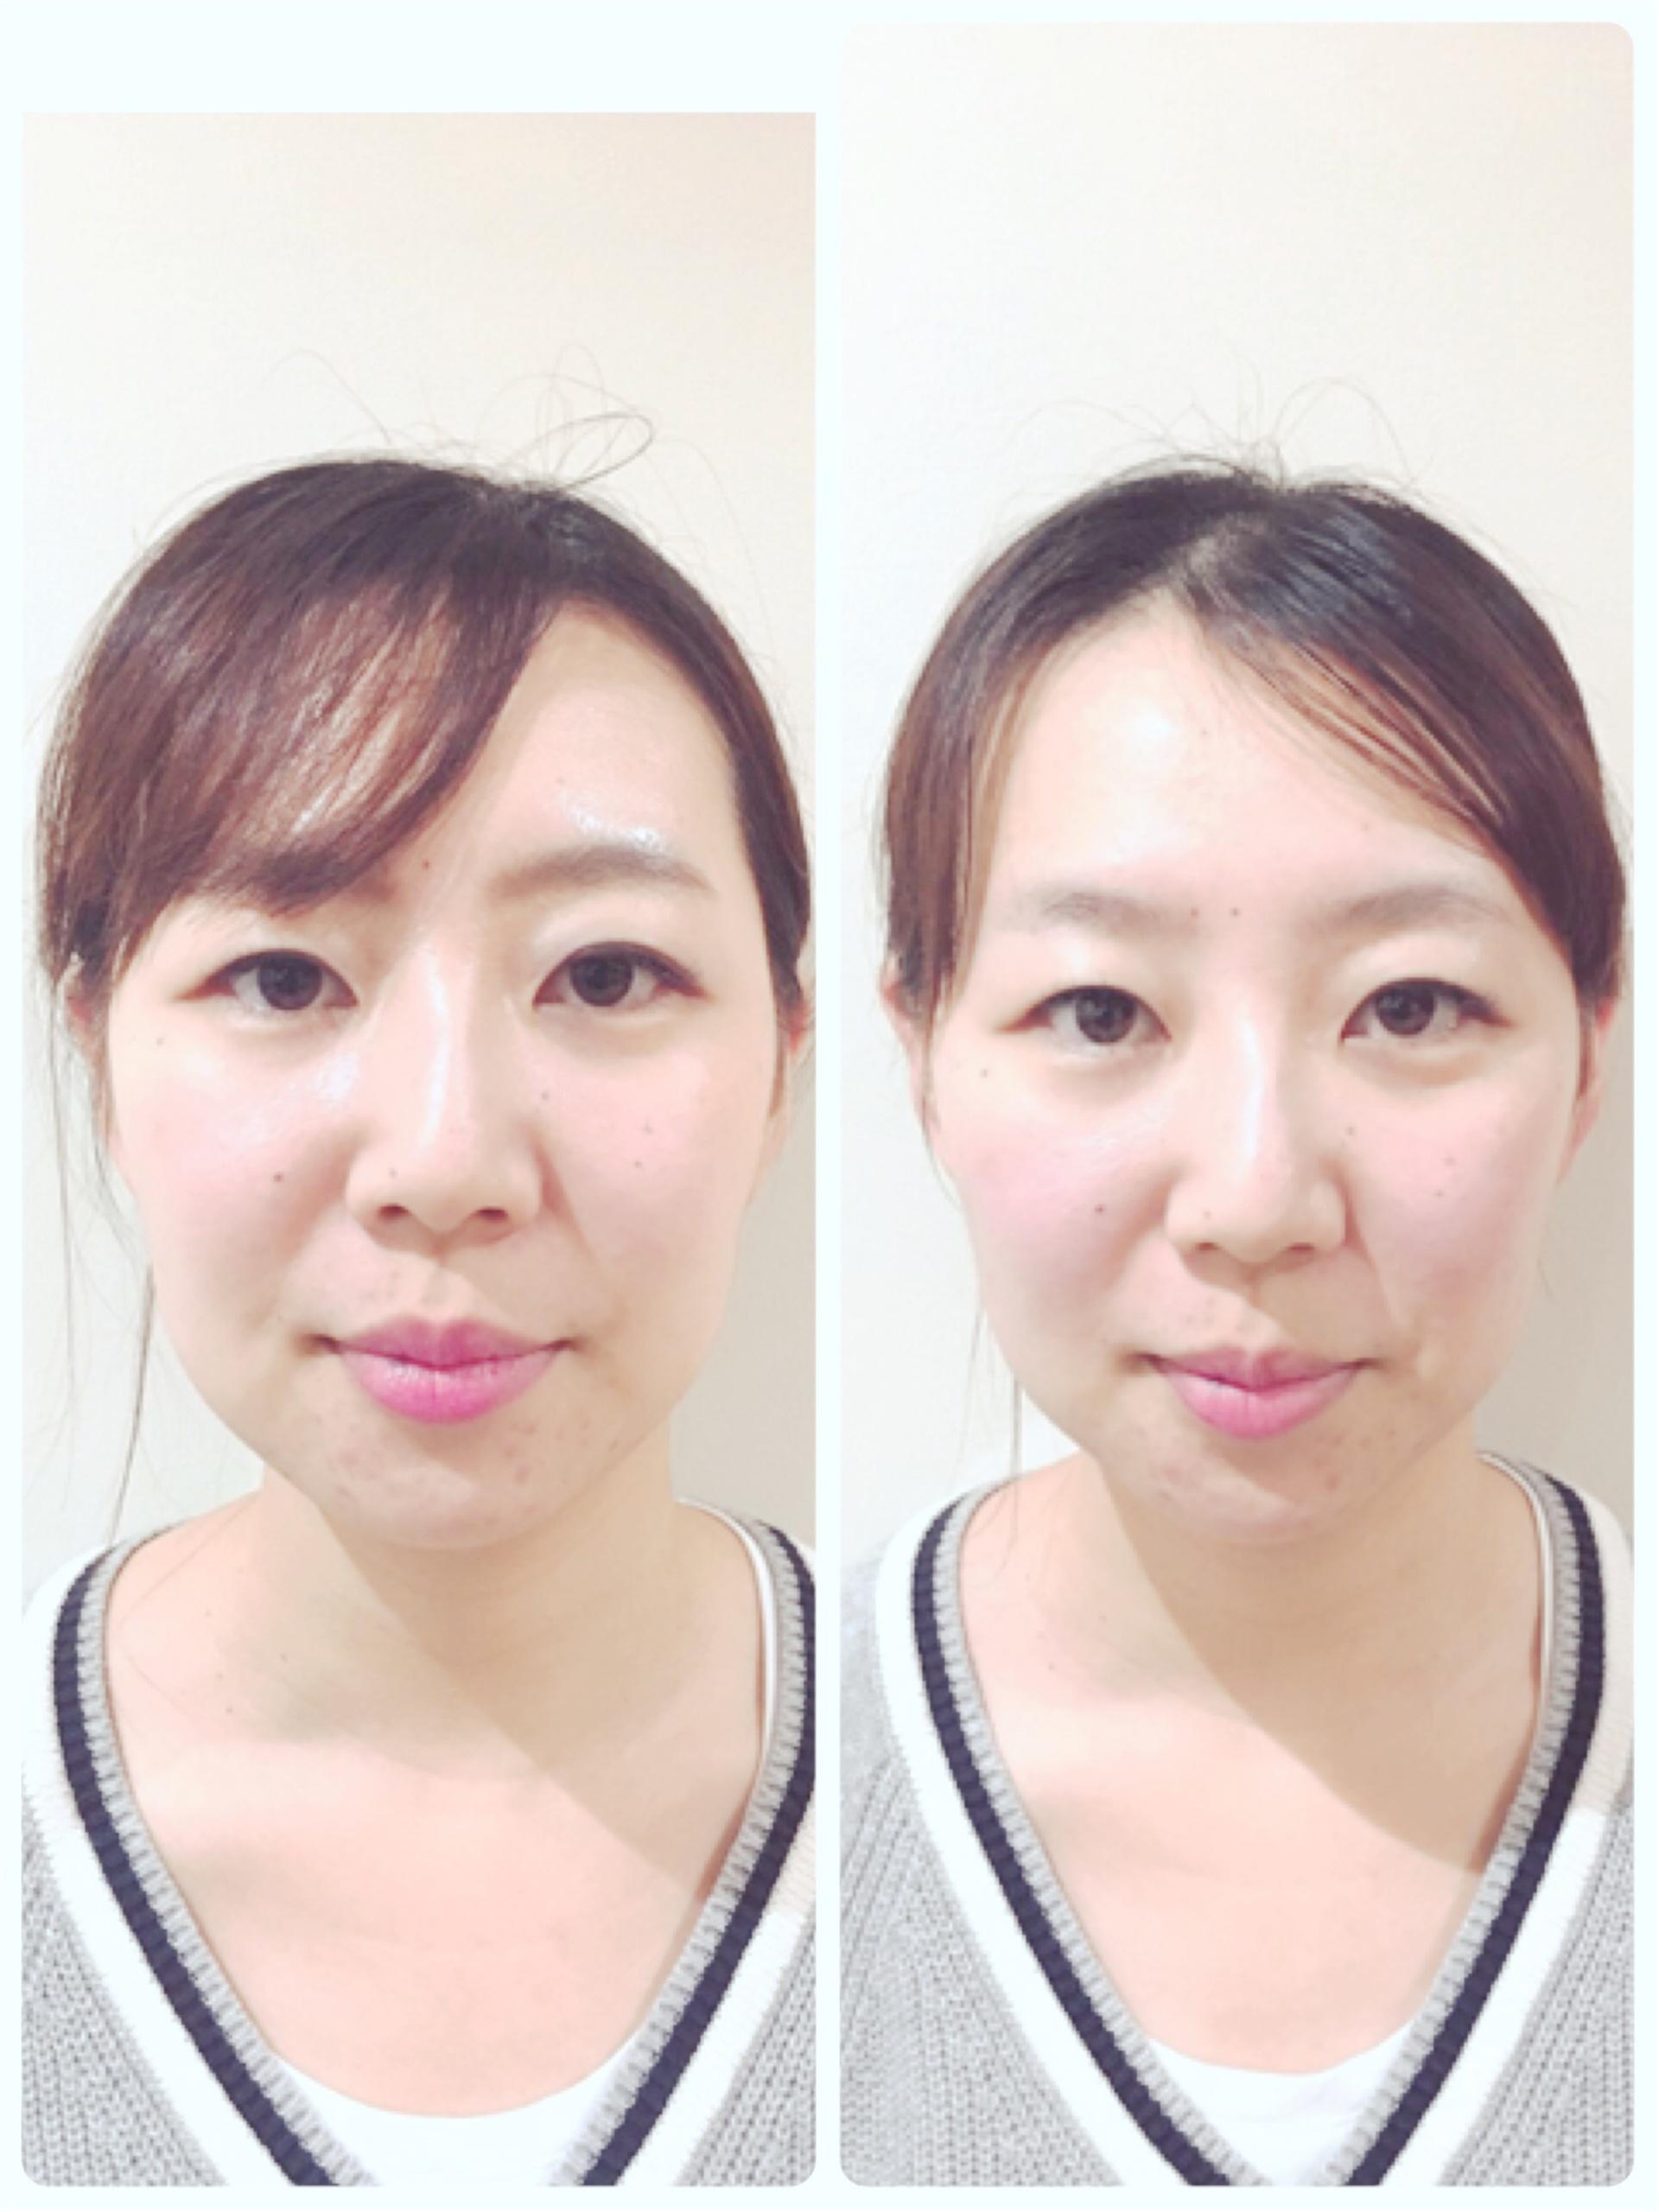 【小顔大作戦】むくみ解消!リンパの流れをうながして小顔へ★_5